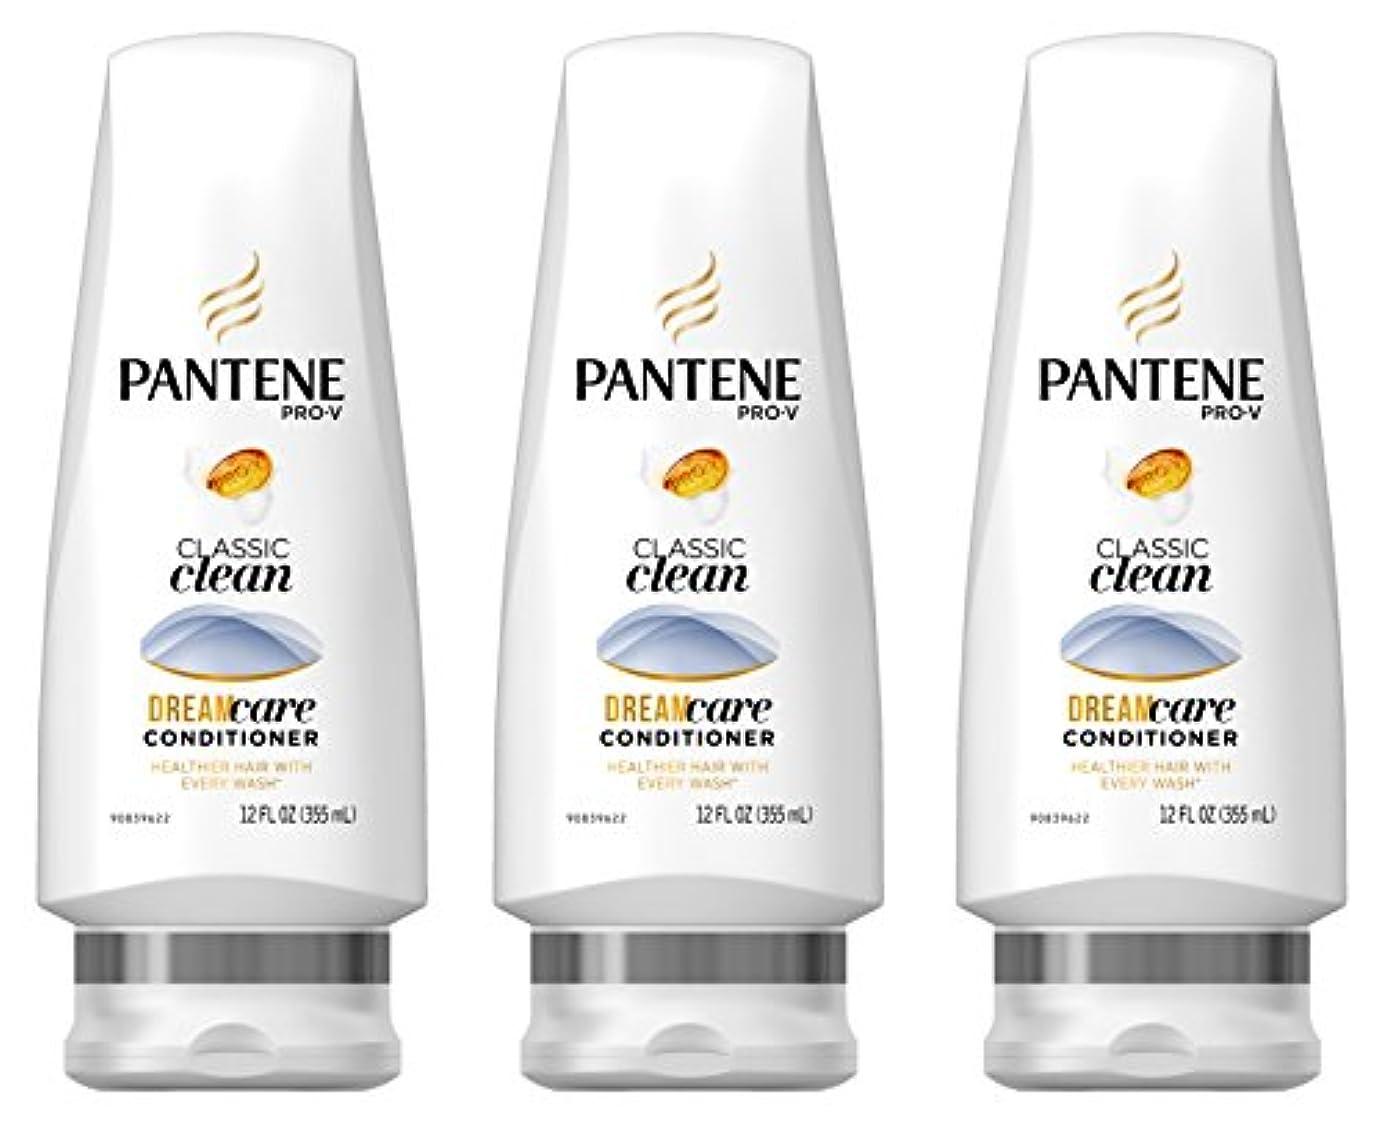 ブランデー掃除酒Pantene プロVクラシッククリーンコンディショナー12液量オンス(商品サイズは変更になる場合があります)(3パック)